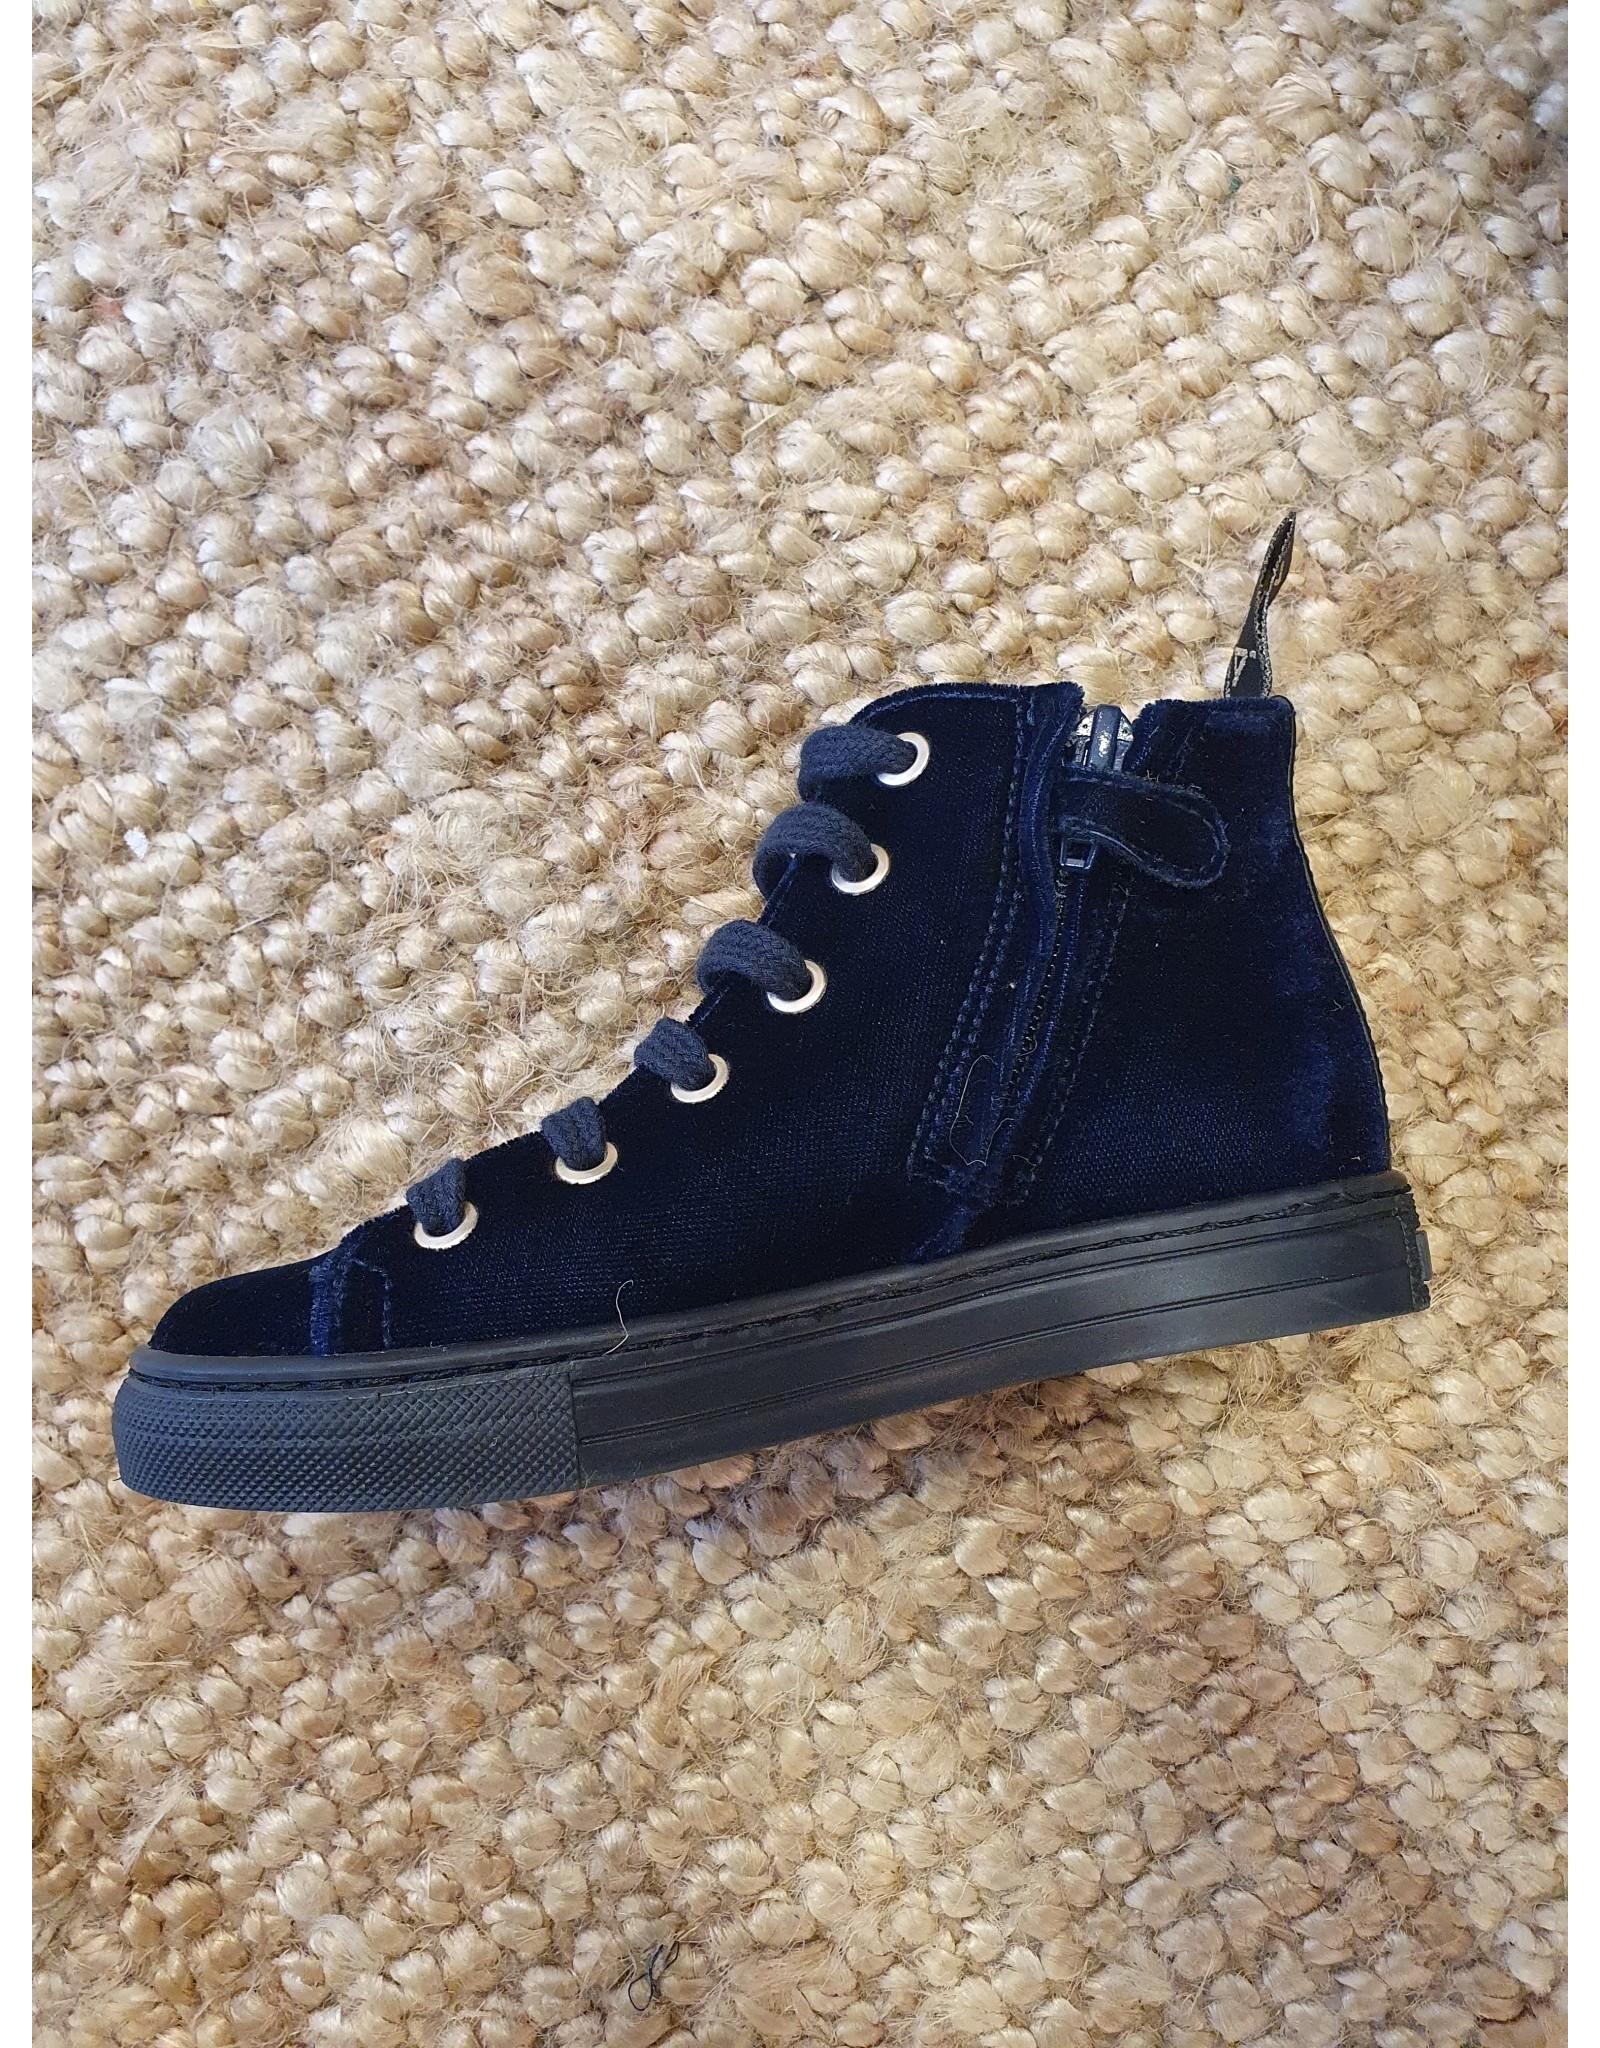 MAÁ sneaker blauw fluweel